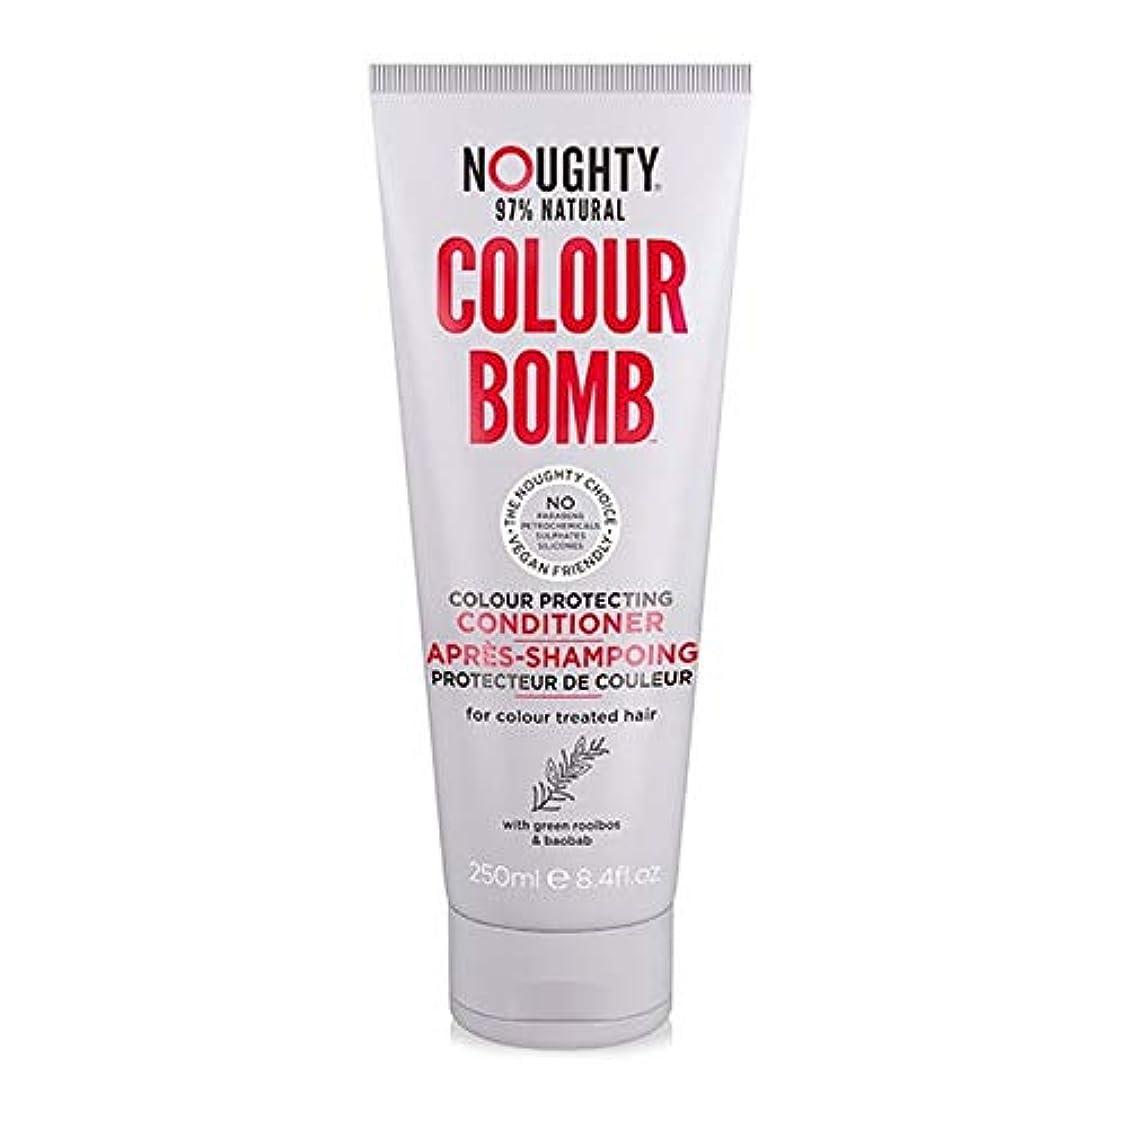 感じ倫理的フレット[Noughty] コンディショナー250Mlを保護Noughtyカラー爆弾の色 - Noughty Colour Bomb Colour Protecting Conditioner 250ml [並行輸入品]